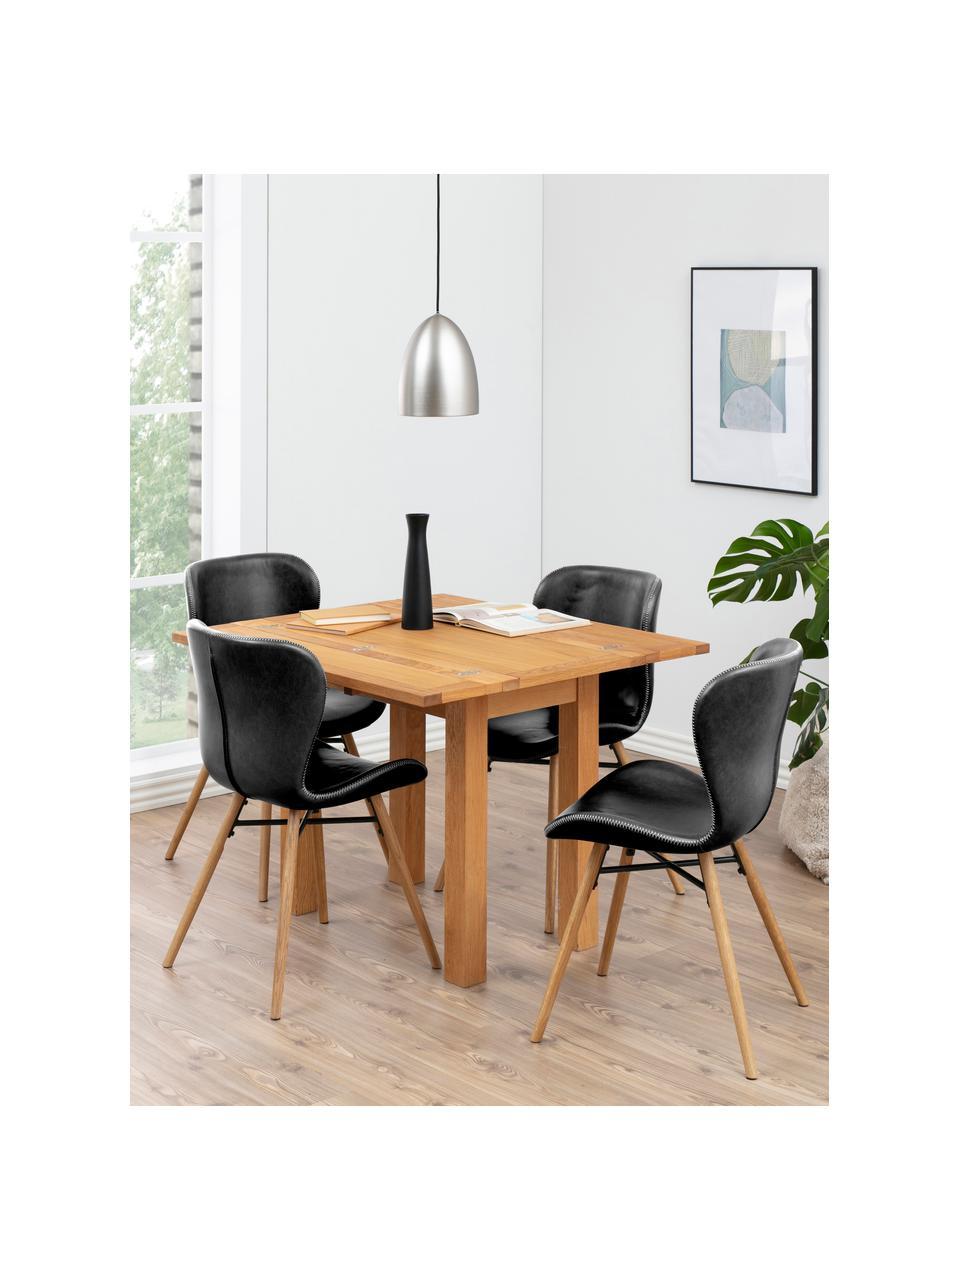 Krzesło tapicerowane ze sztucznej skóry Batilda, 2 szt., Tapicerka: sztuczna skóra (poliureta, Nogi: drewno dębowe, olejowane, Czarny, S 47 x G 53 cm